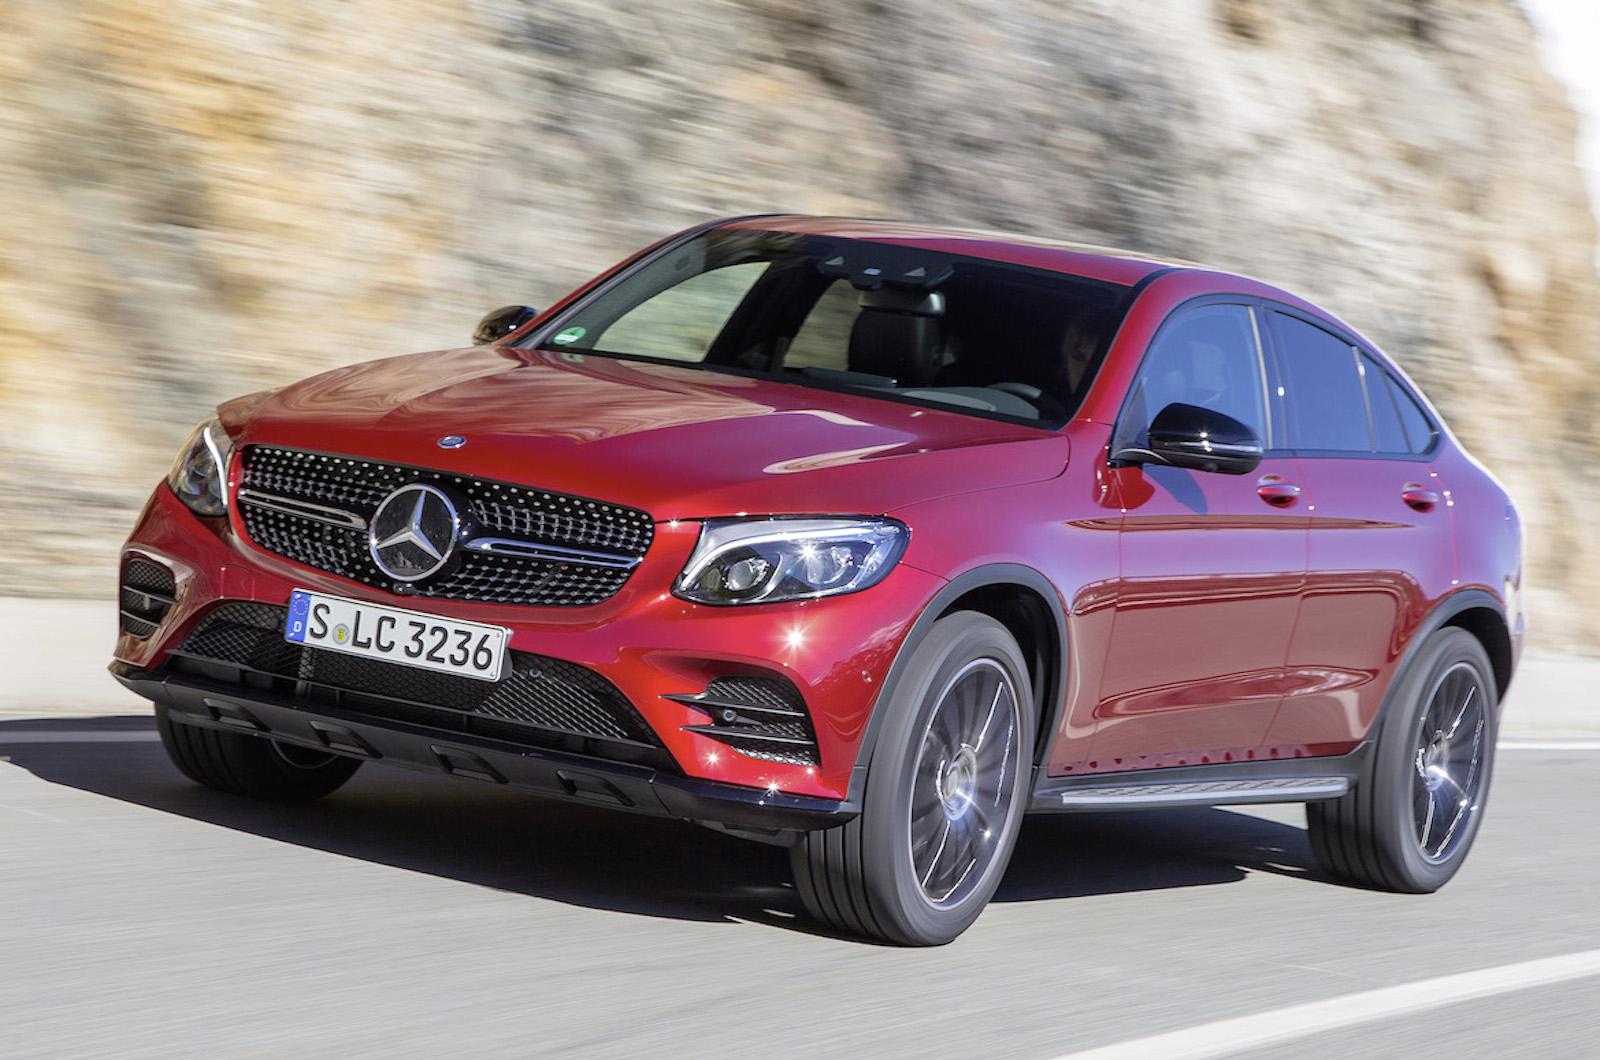 2016 Mercedes-Benz GLC 350 d Coupé review review | Autocar